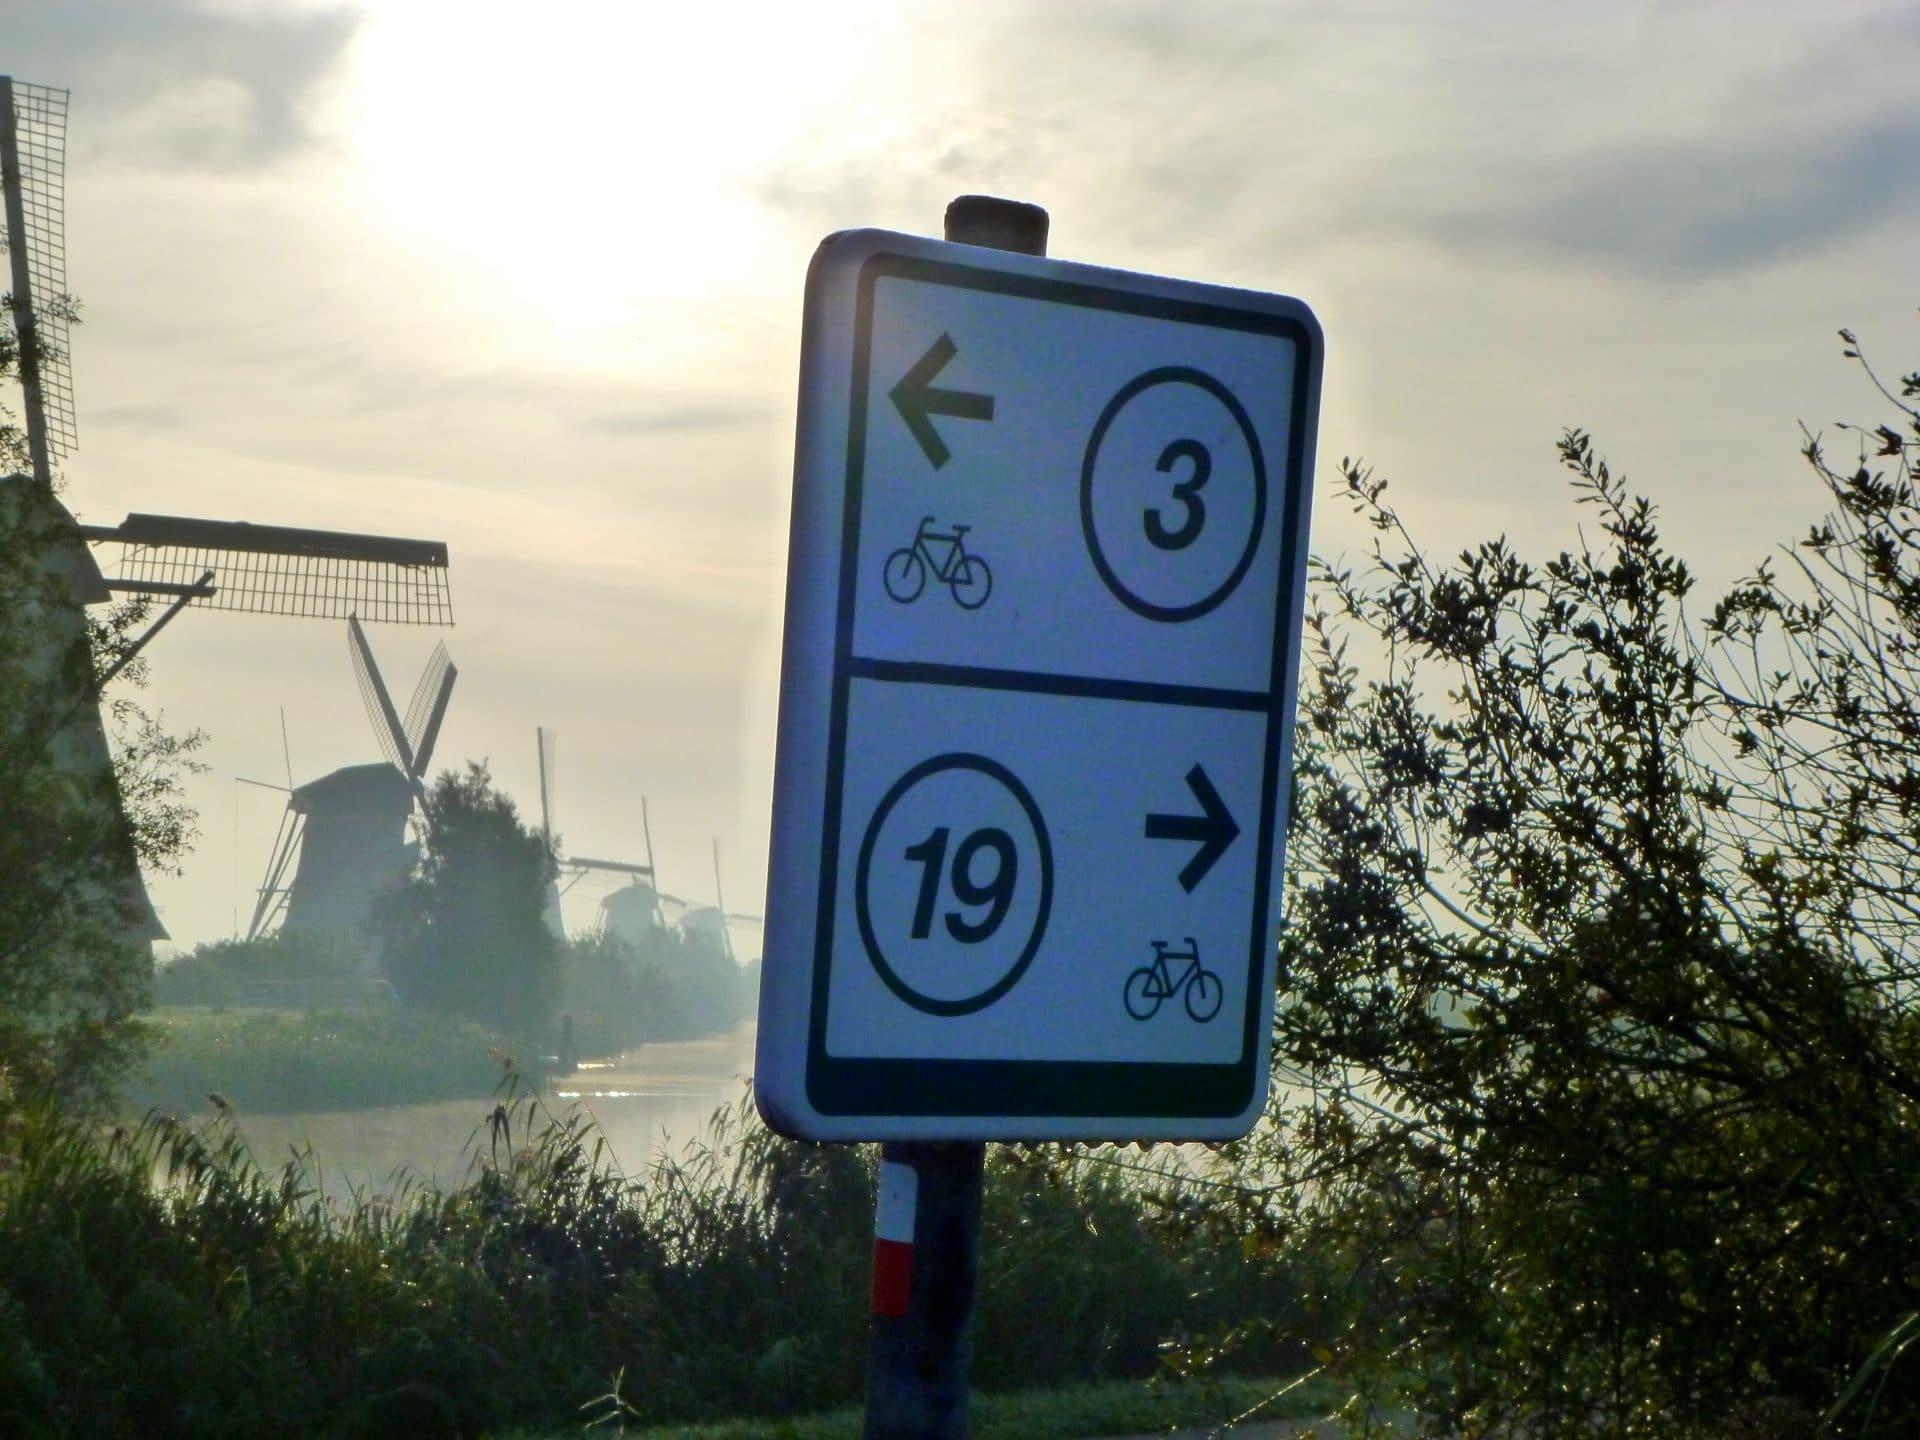 Fietsen - Dordrecht - knooppunten